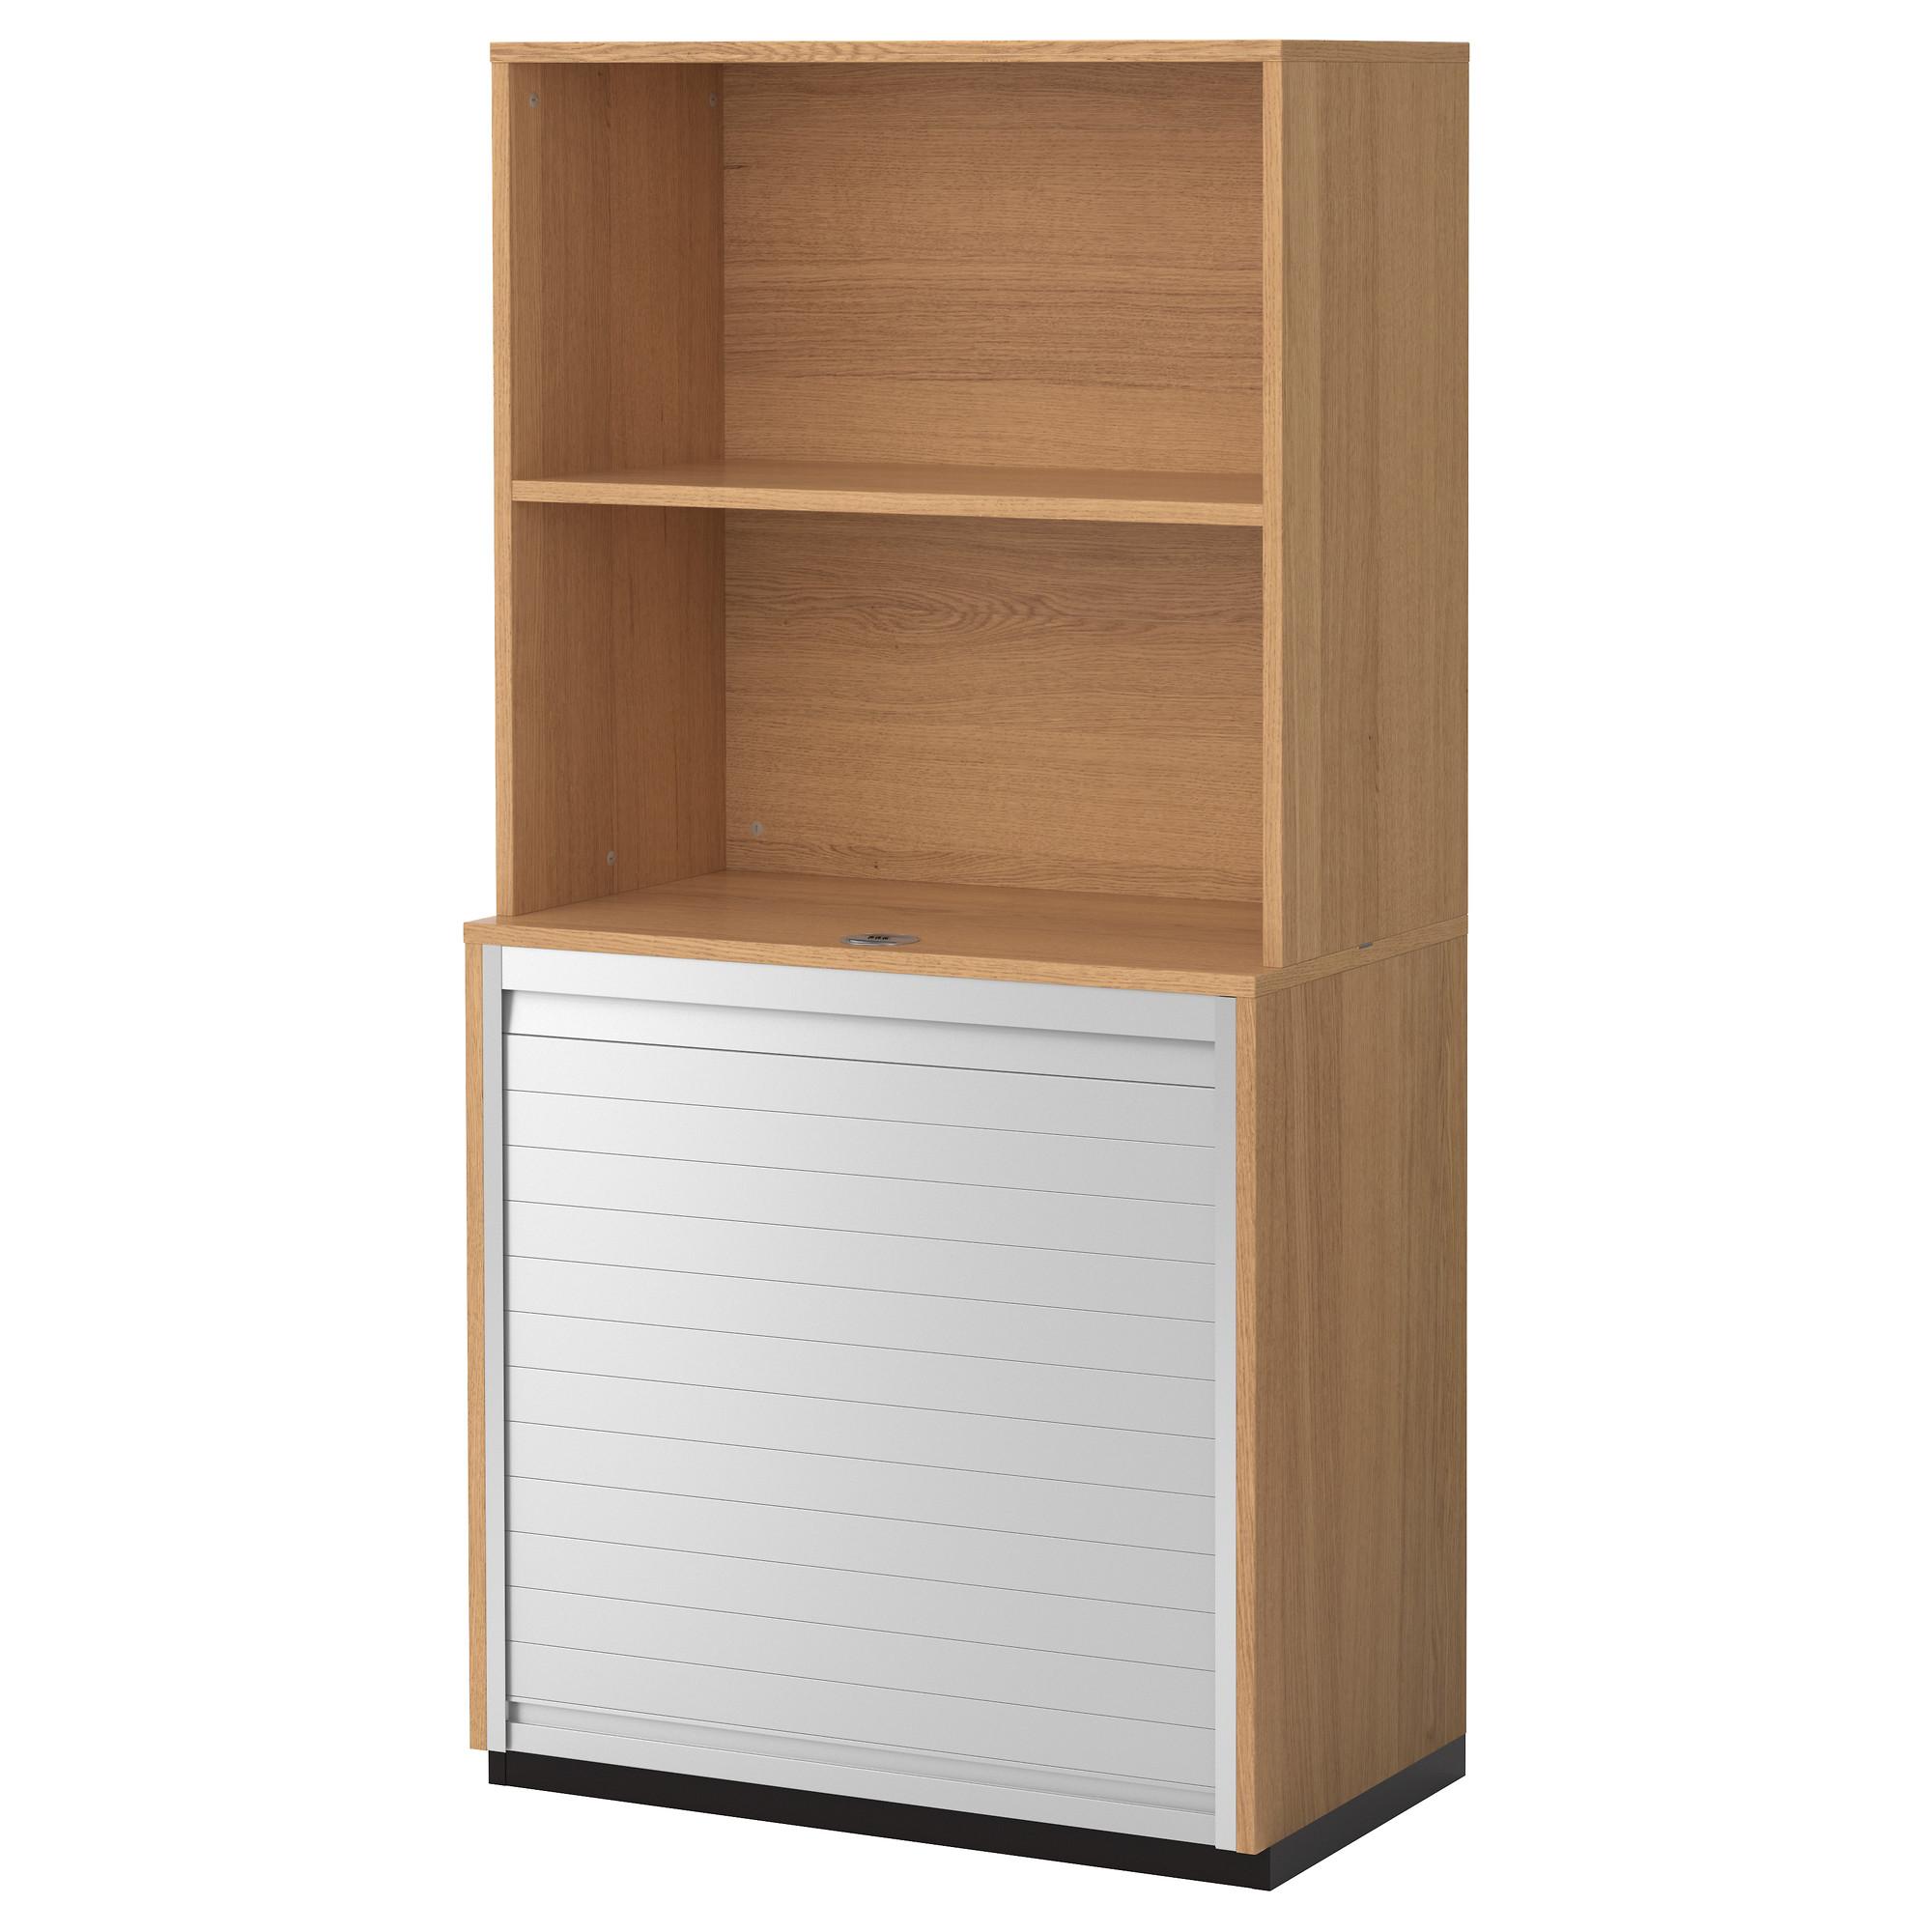 Комбинация д/хран с дверцей-шторой галант (398.980.06) купит.